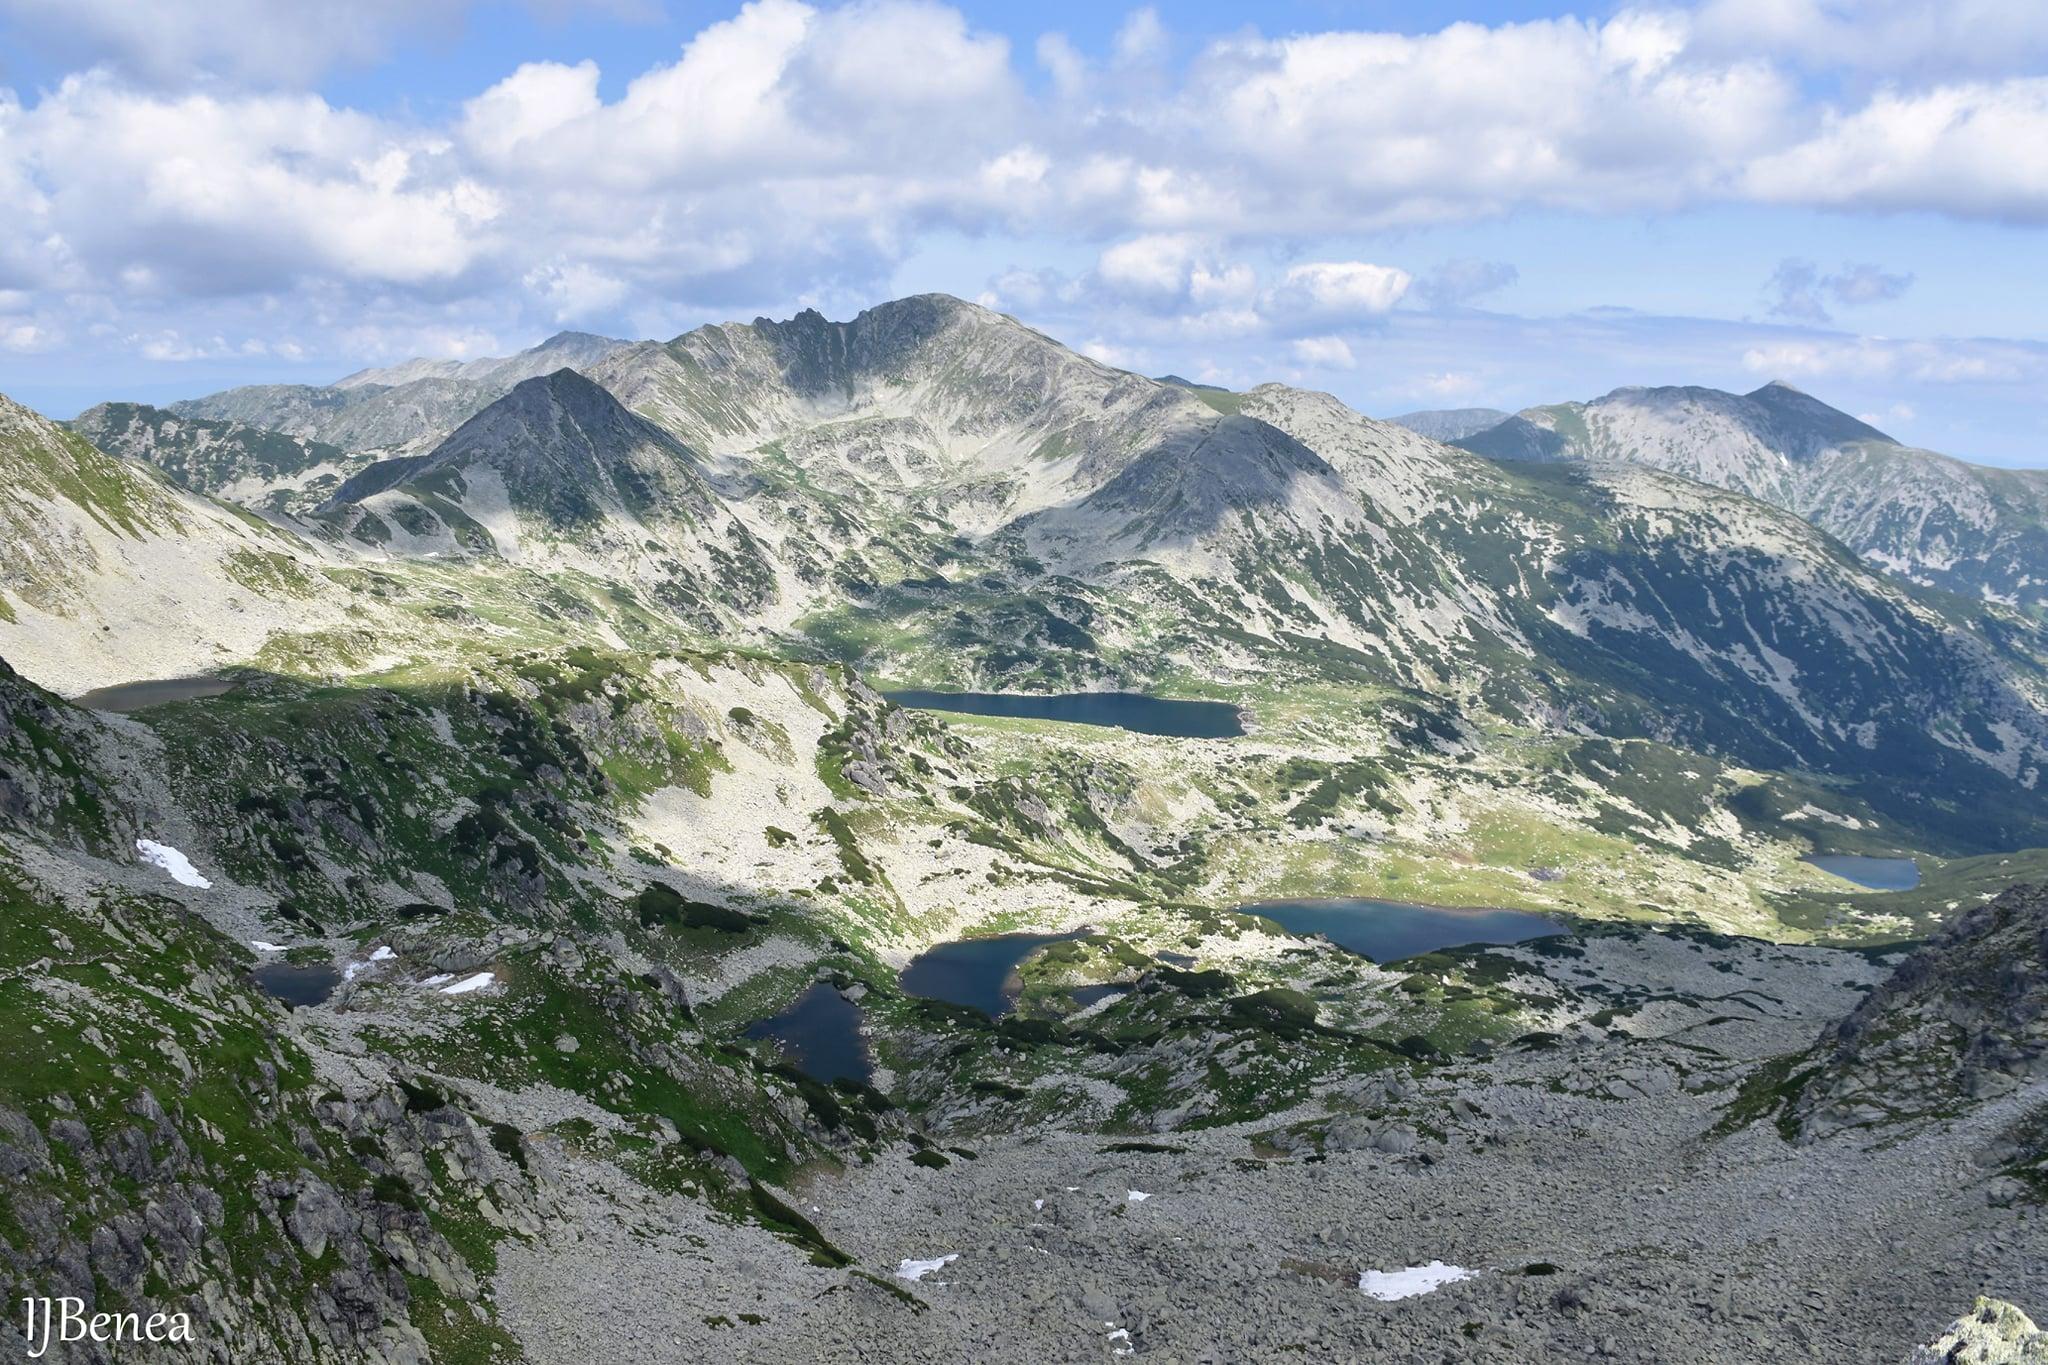 Complexul glaciar Bucura - Ioan Benea Jurca